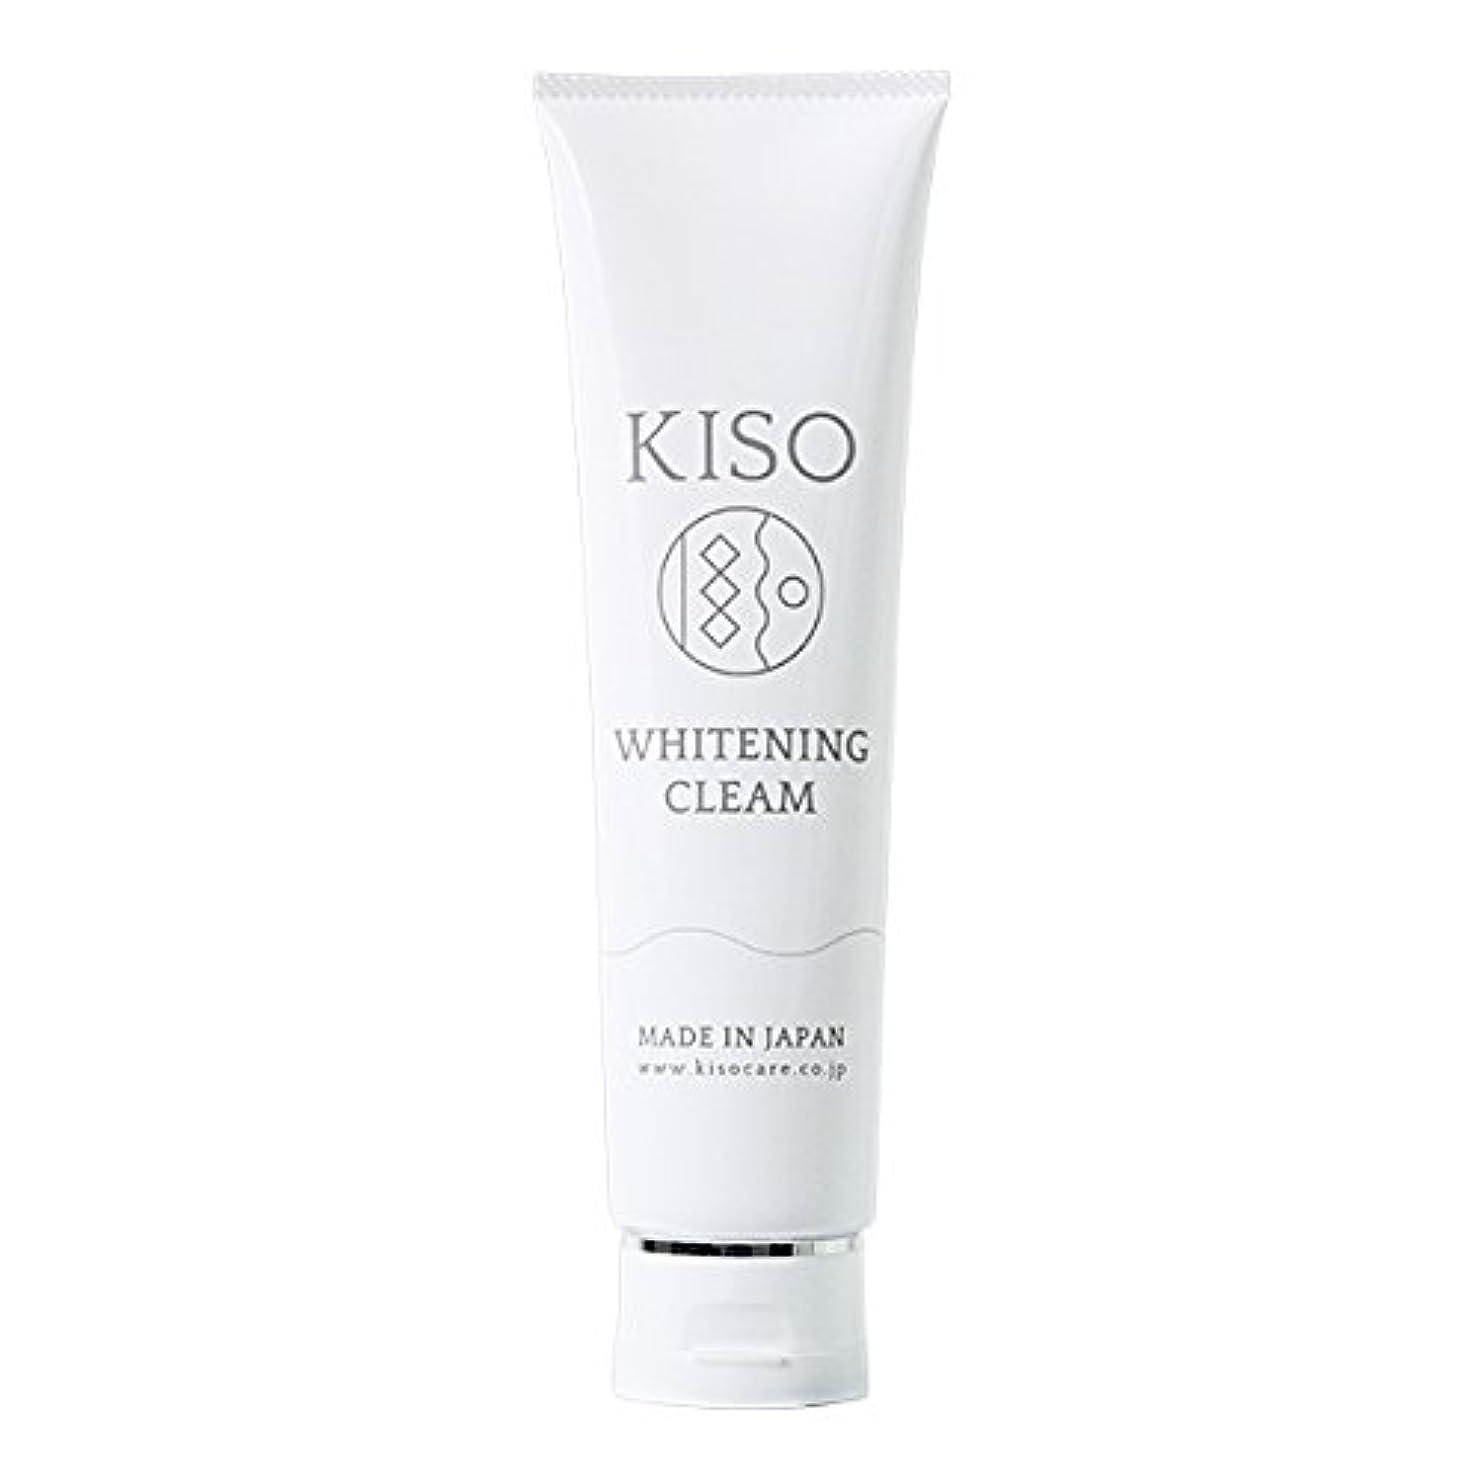 カセットの間にレーザ【KISO 薬用 ホワイトニング クリーム 150g】 【医薬部外品】トラネキサム酸2%配合クリーム。